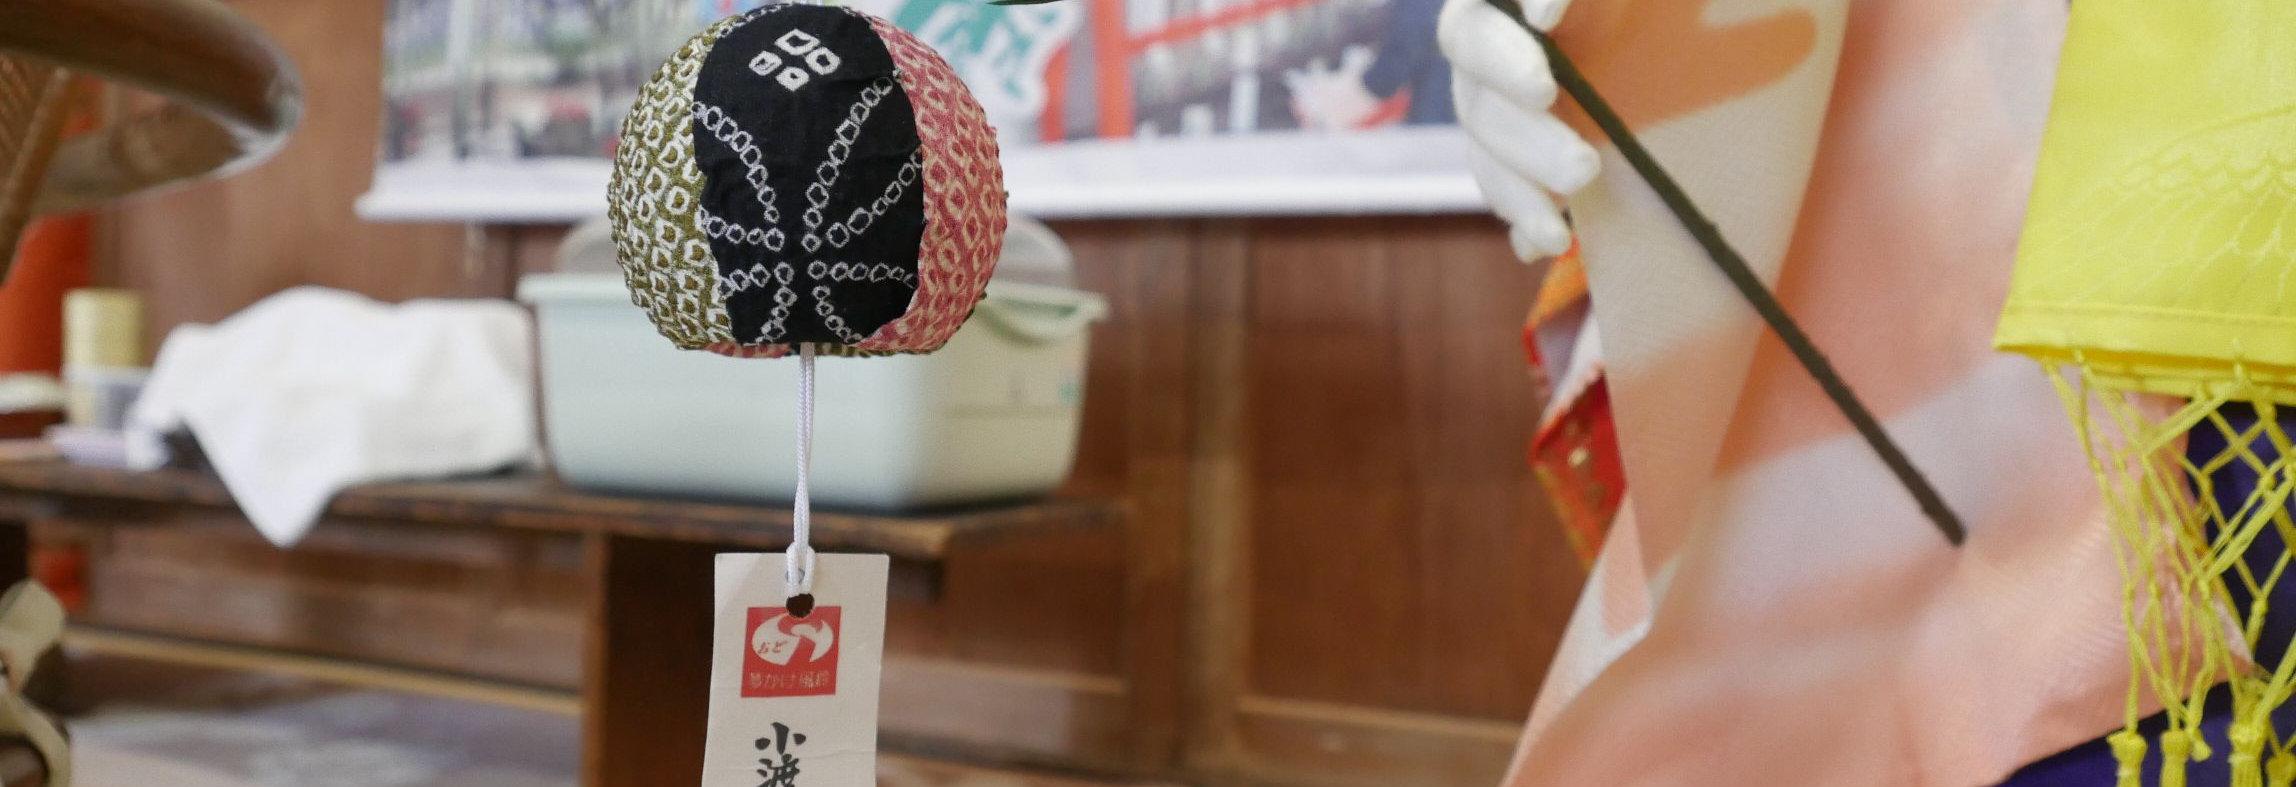 愛知県 稚児募集